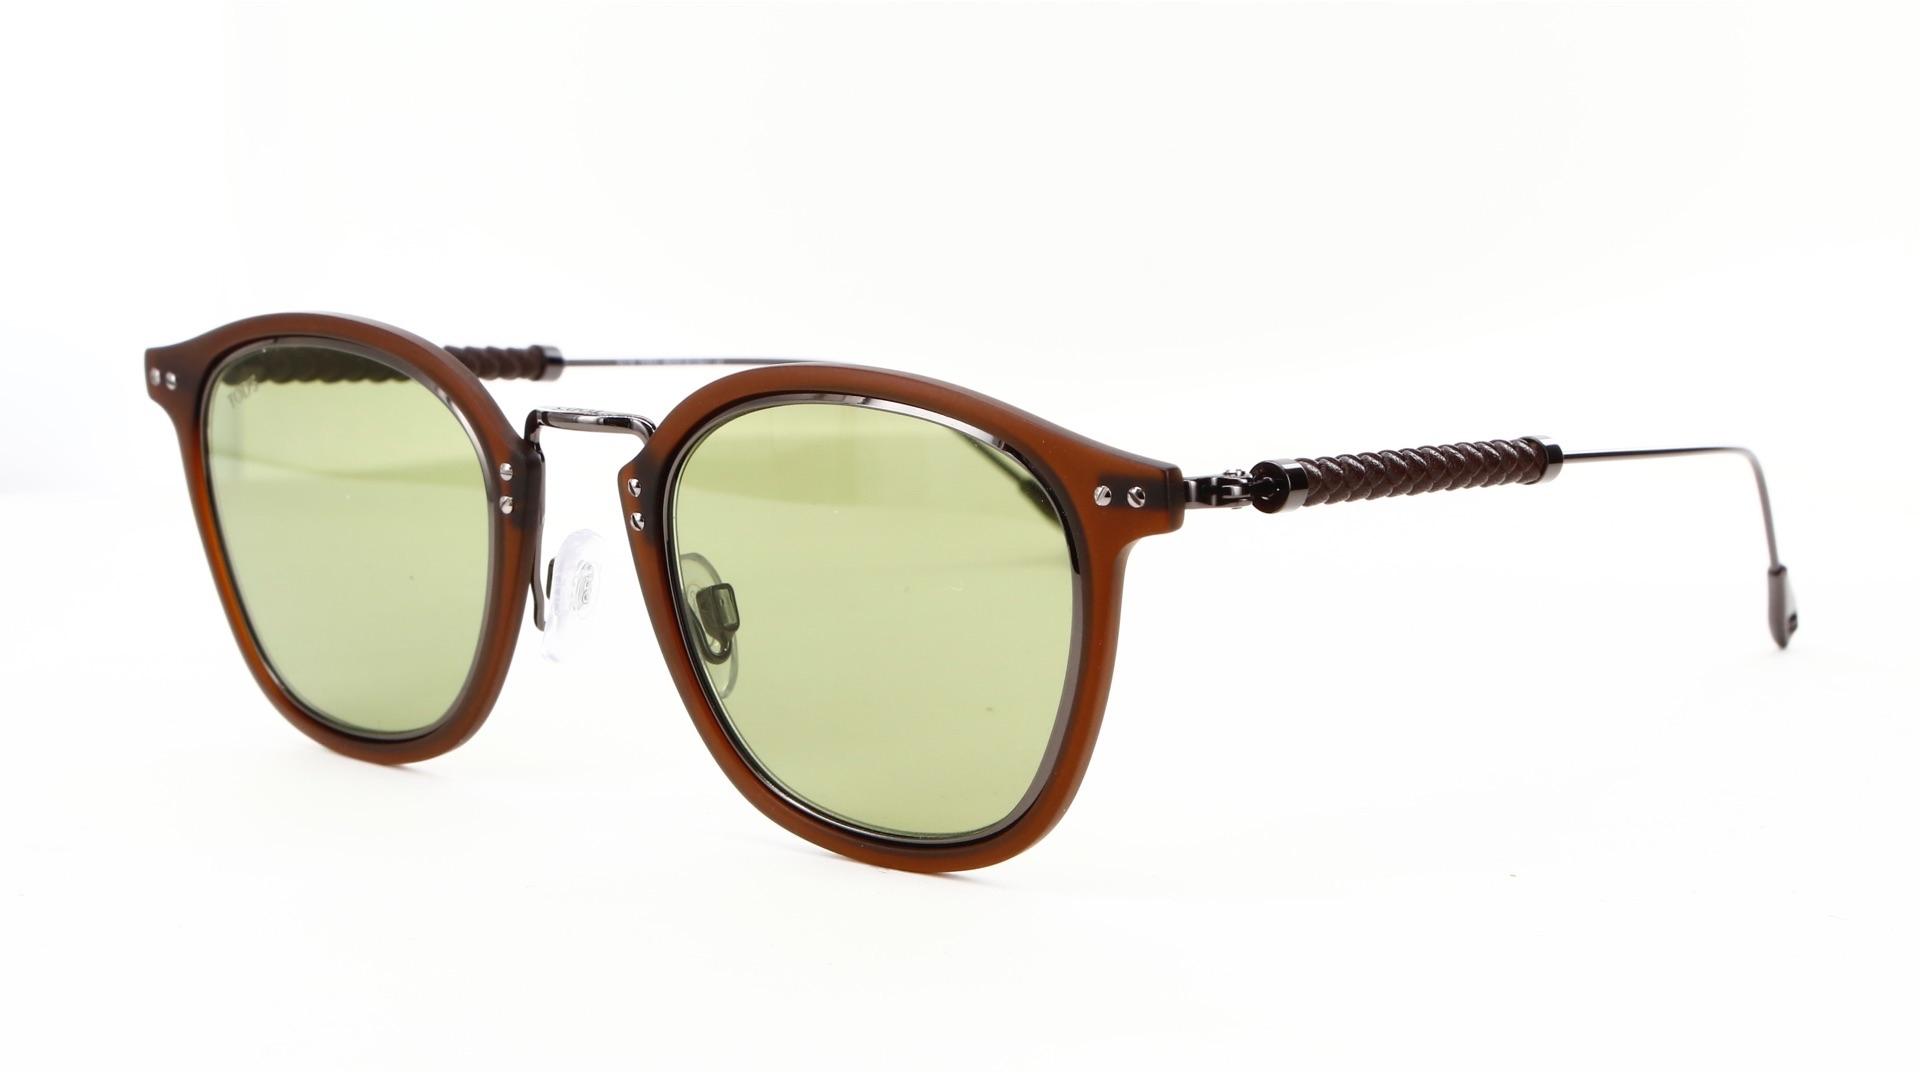 f7a2c0d324fe TOD S sunglasses - ref  79991